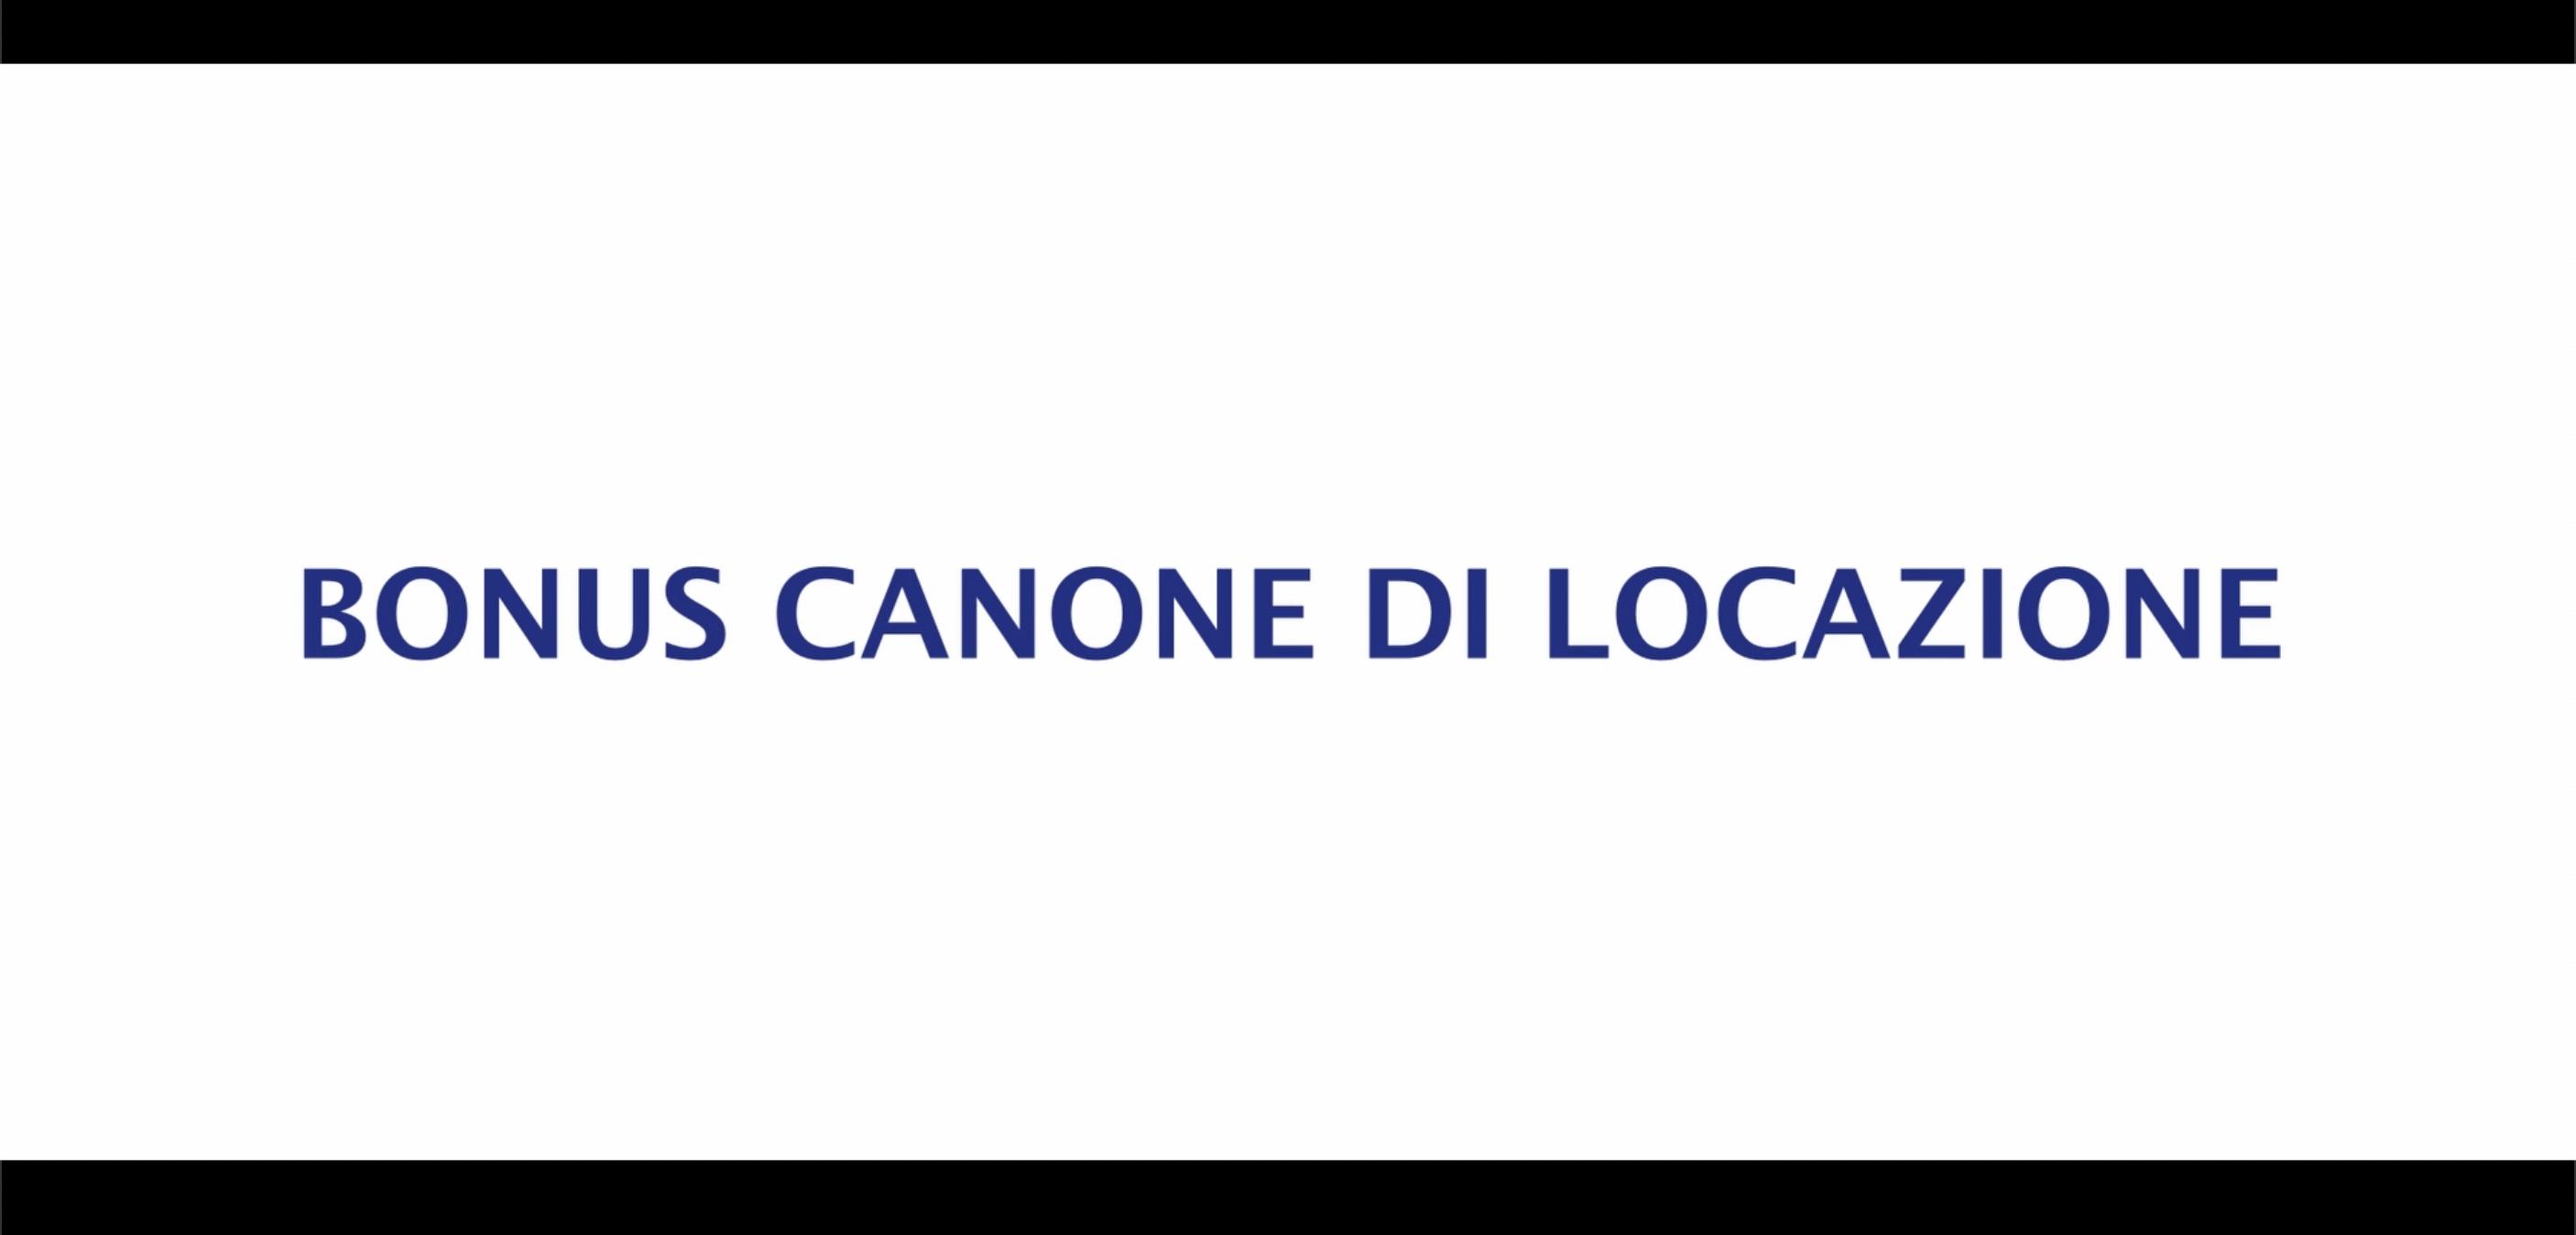 BONUS CANONE DI LOCAZIONE